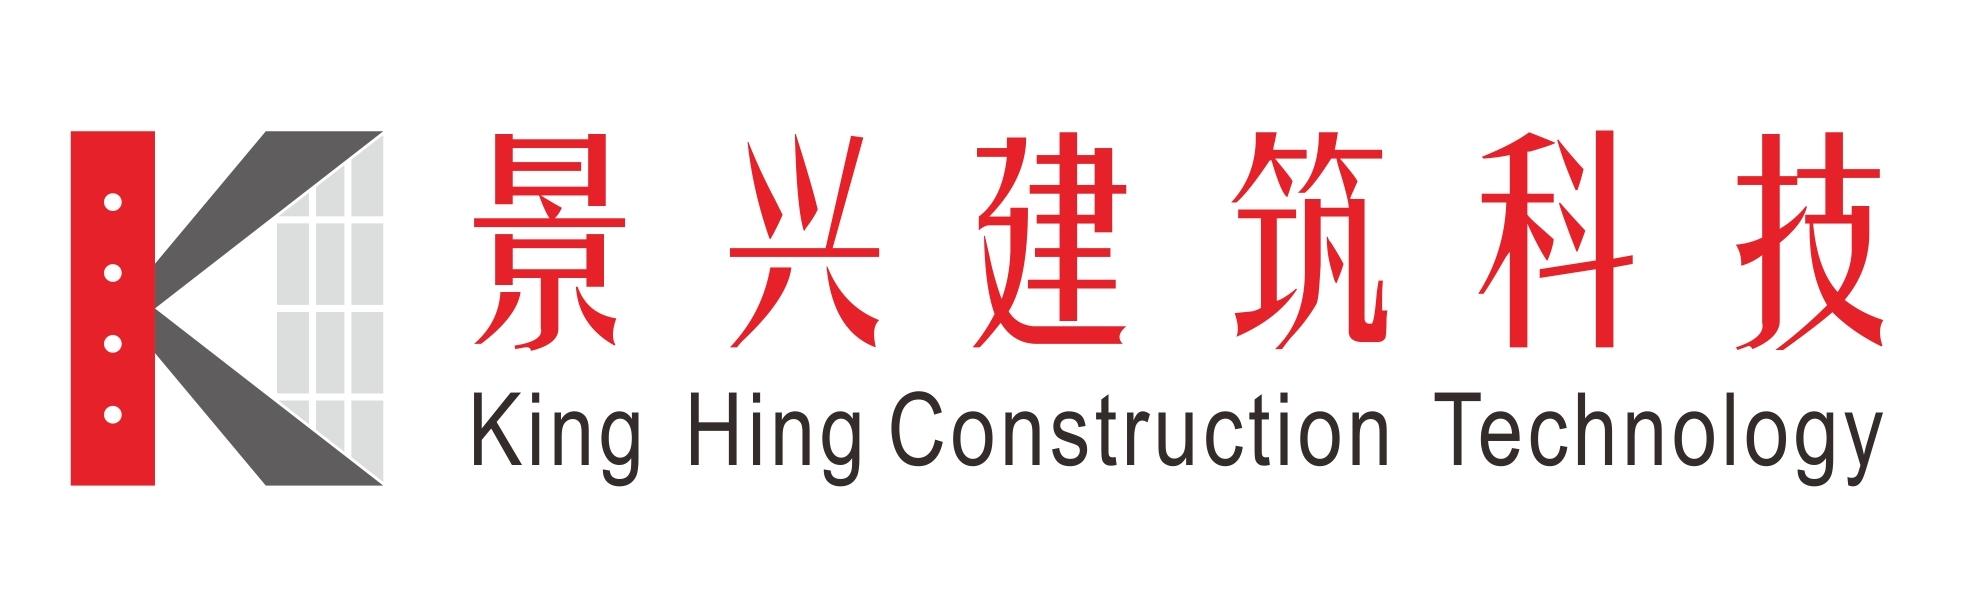 广州景兴建筑科技有限公司